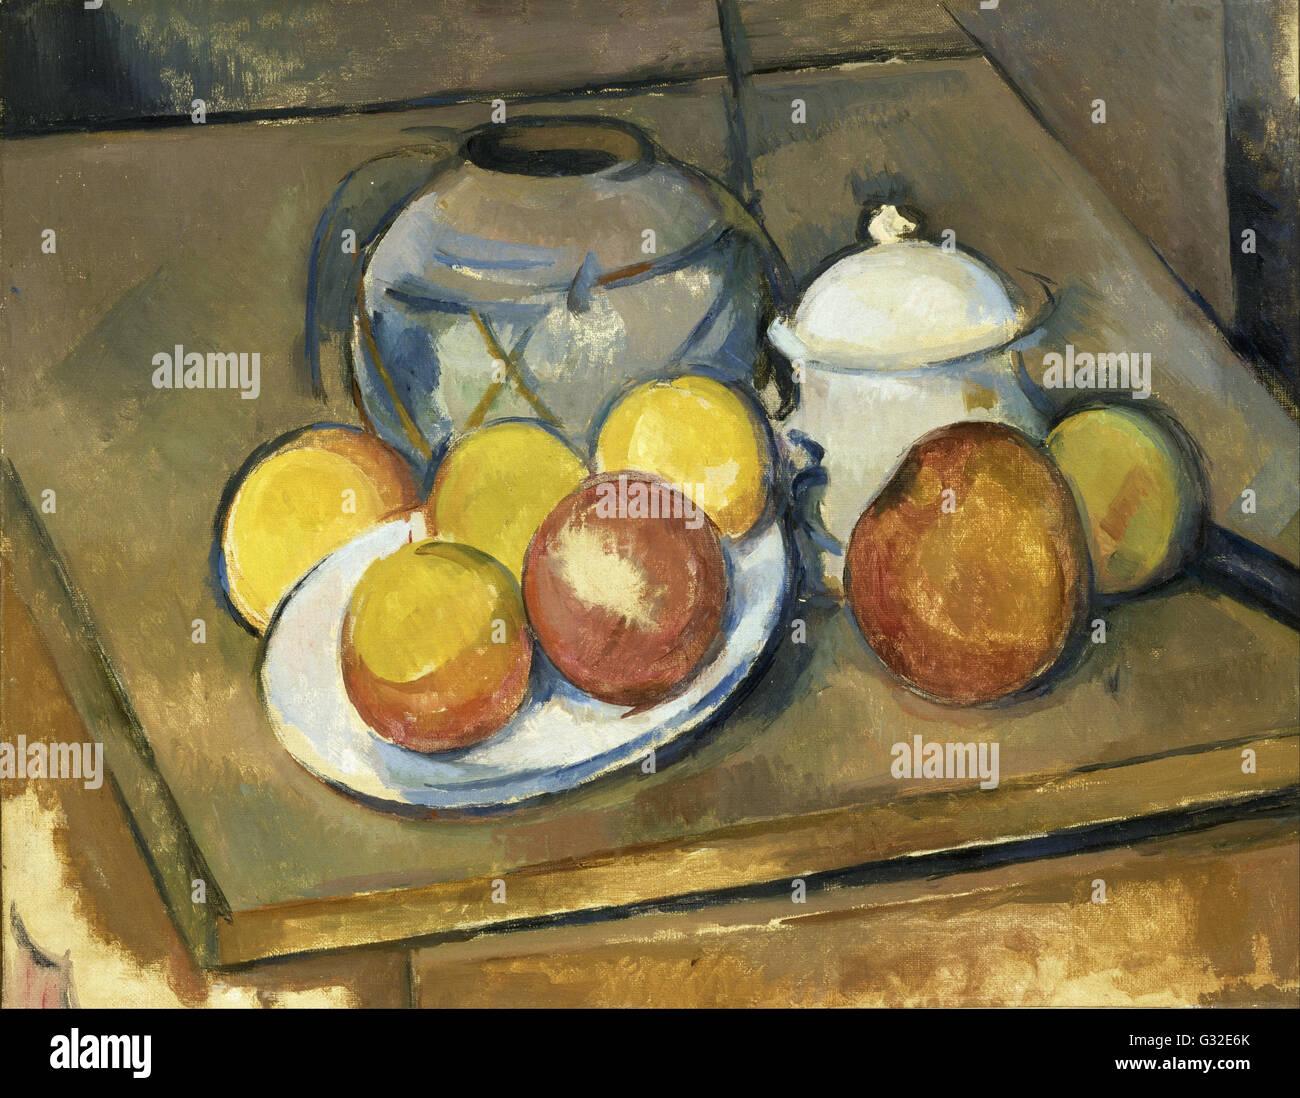 Paul Cézanne - Straw-Trimmed Vase, Sugar Bowl and Apples   - Musée de l'Orangerie - Stock Image